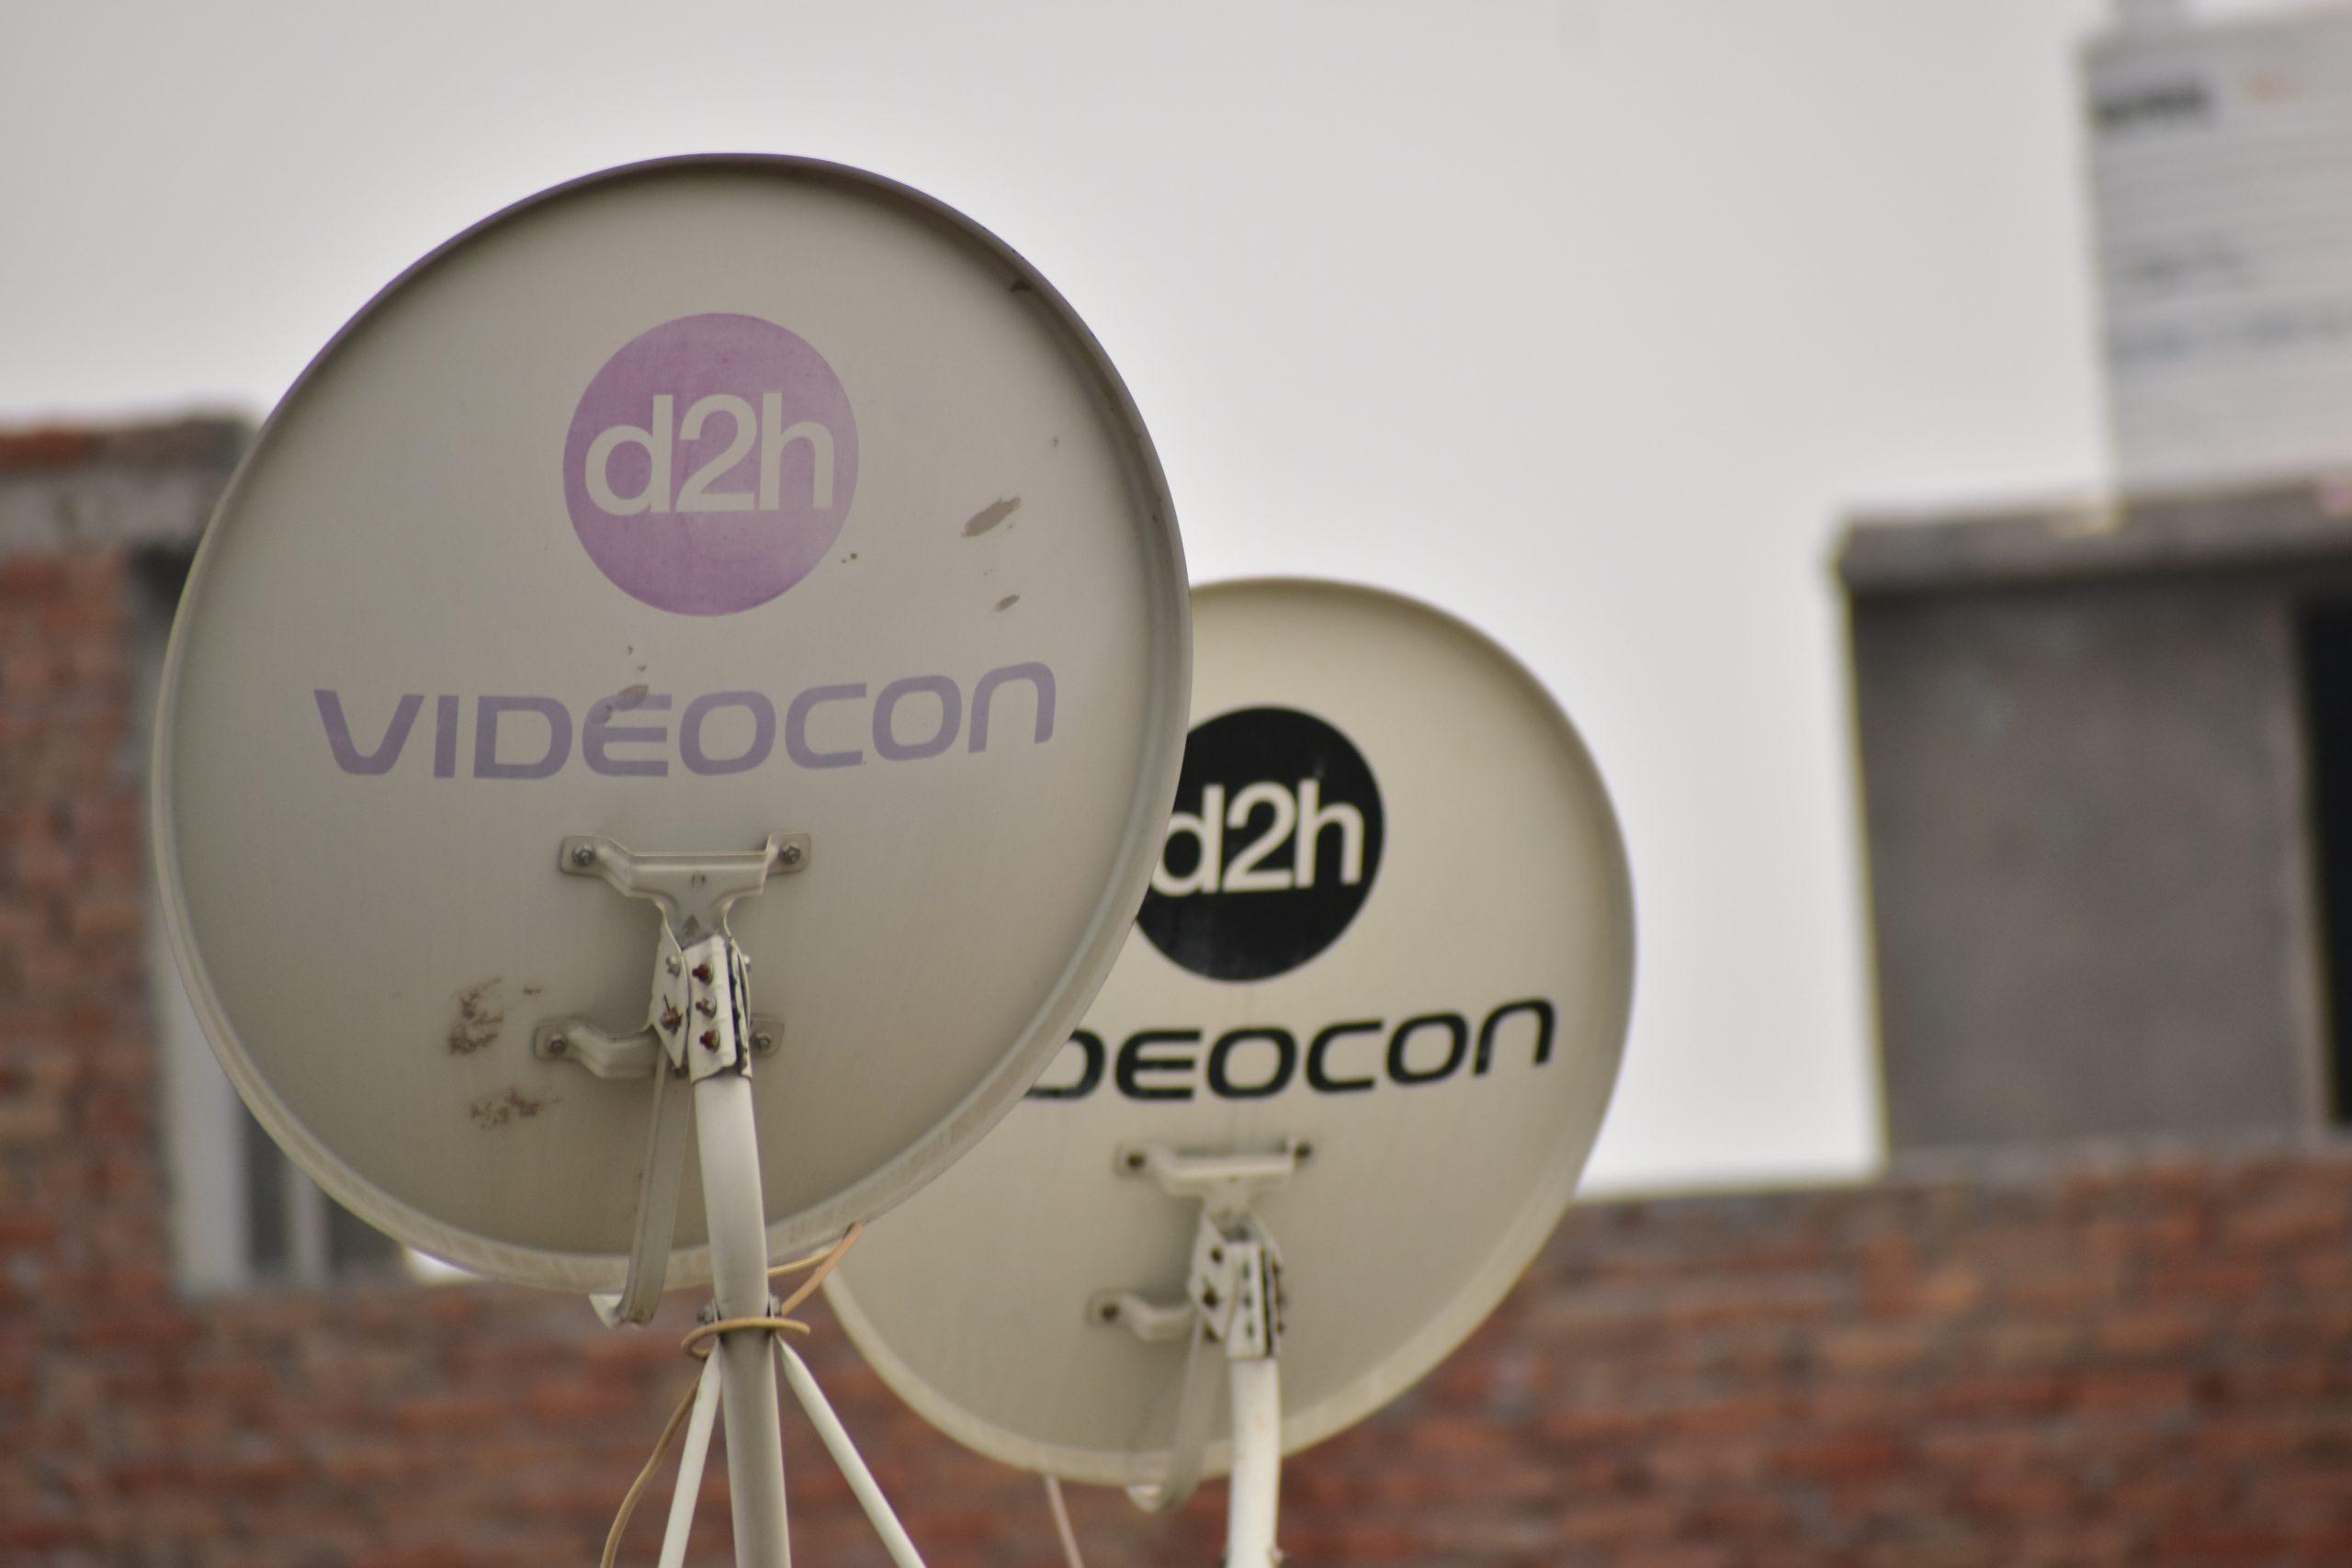 Videocon Direct home service umbrella